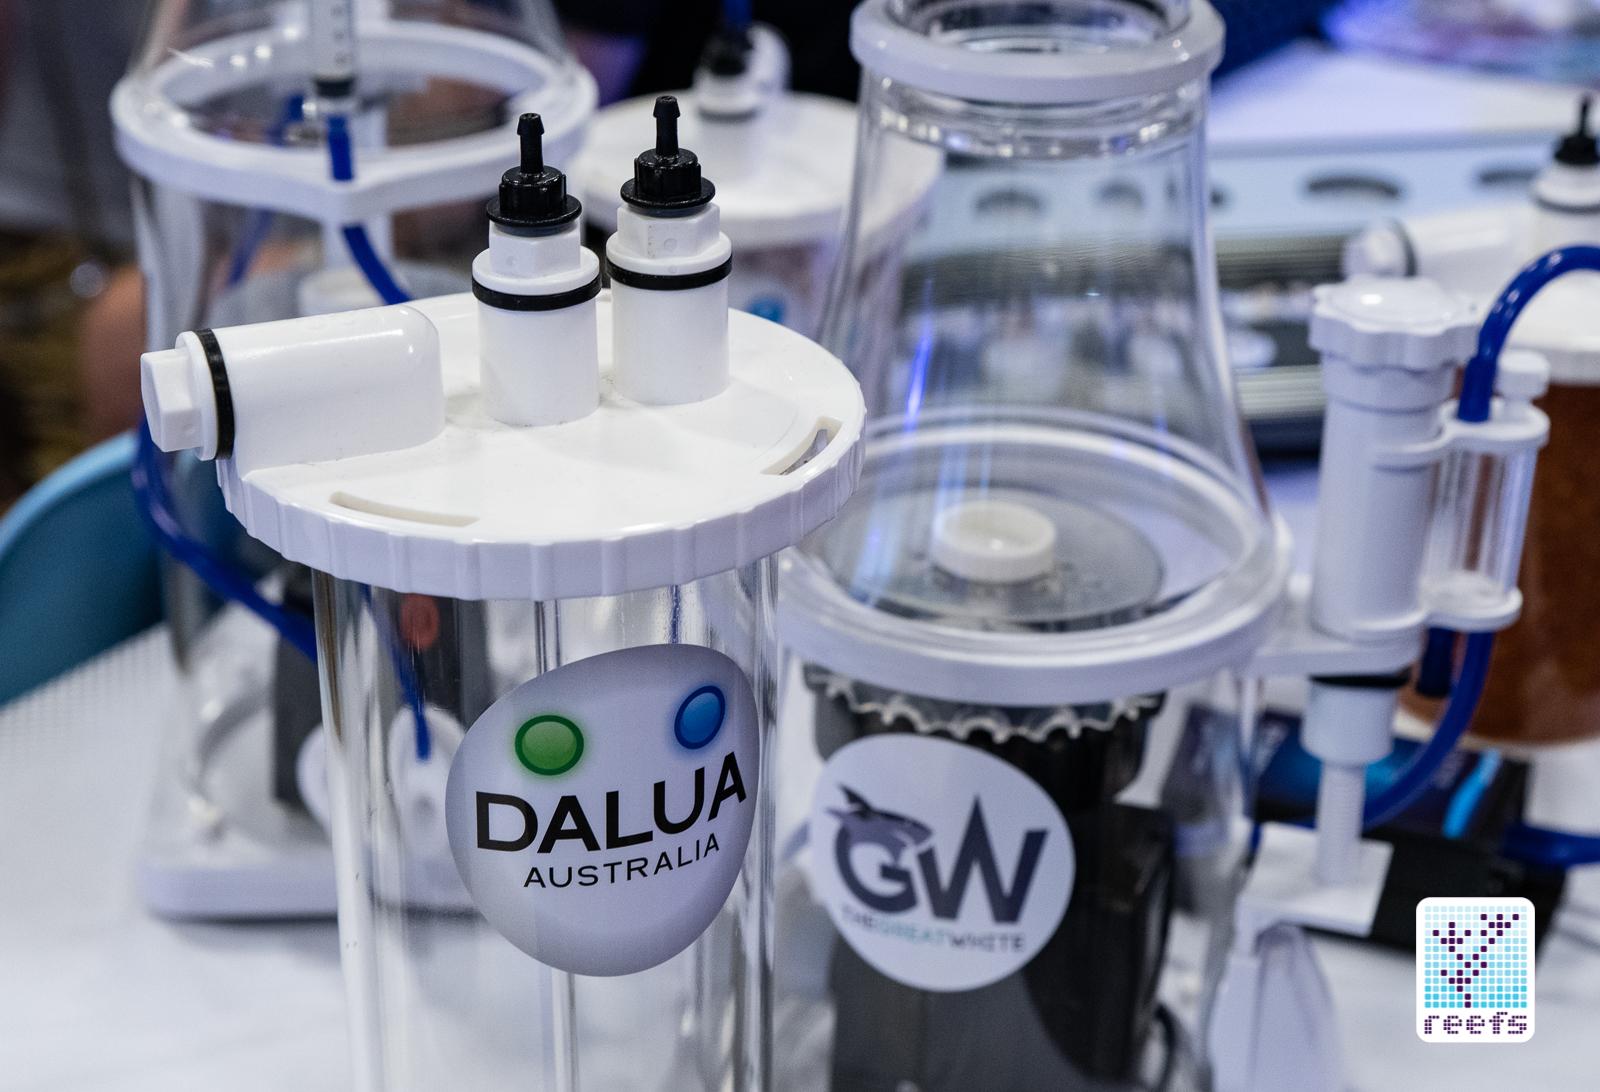 Dalua Australia great white skimmer